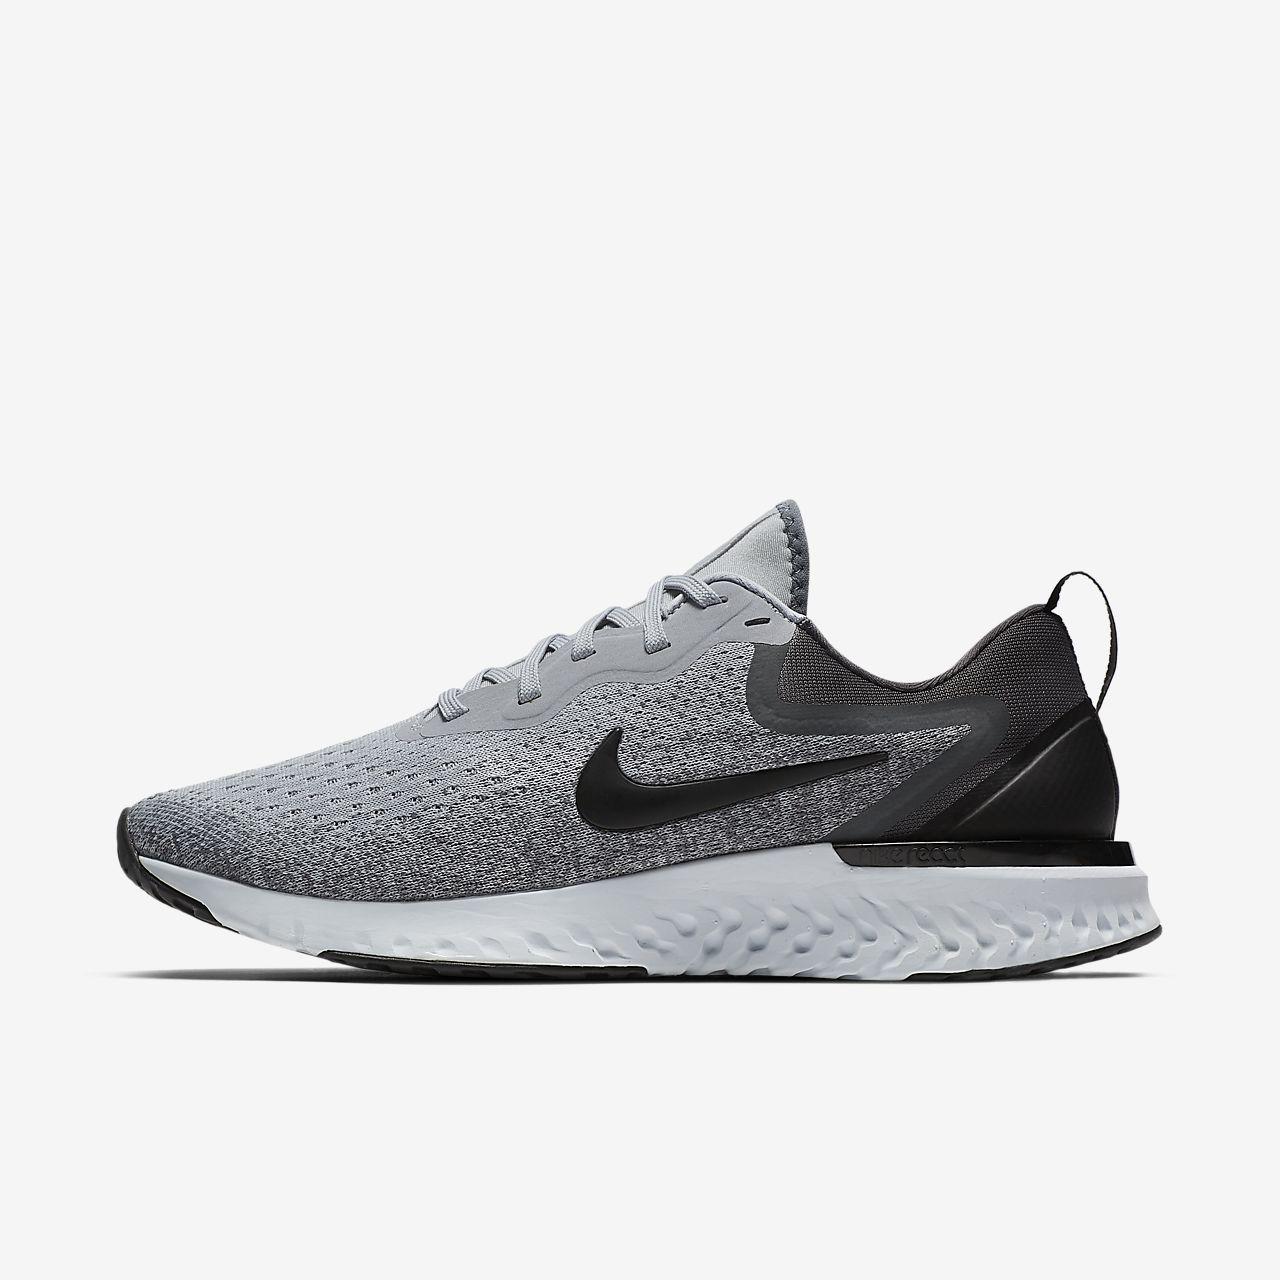 sports shoes 44c4b 13356 Nike Odyssey React Women's Running Shoe